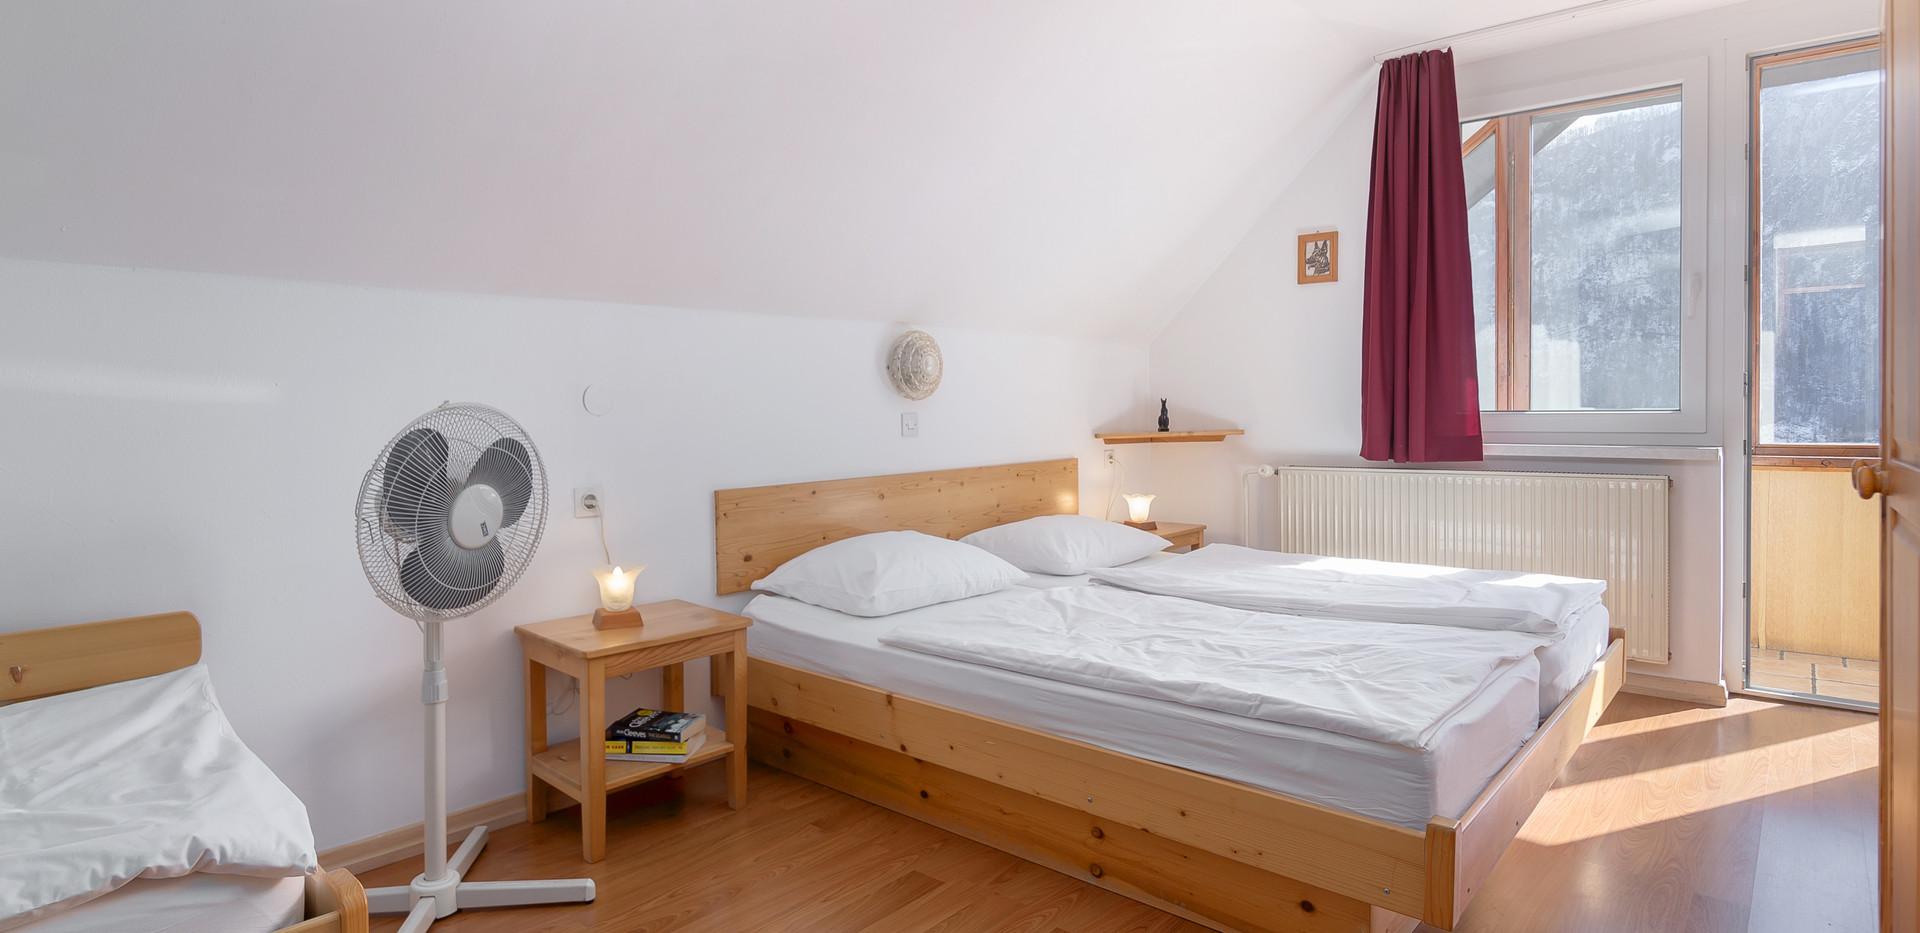 C-301-bedroom_2210.jpg